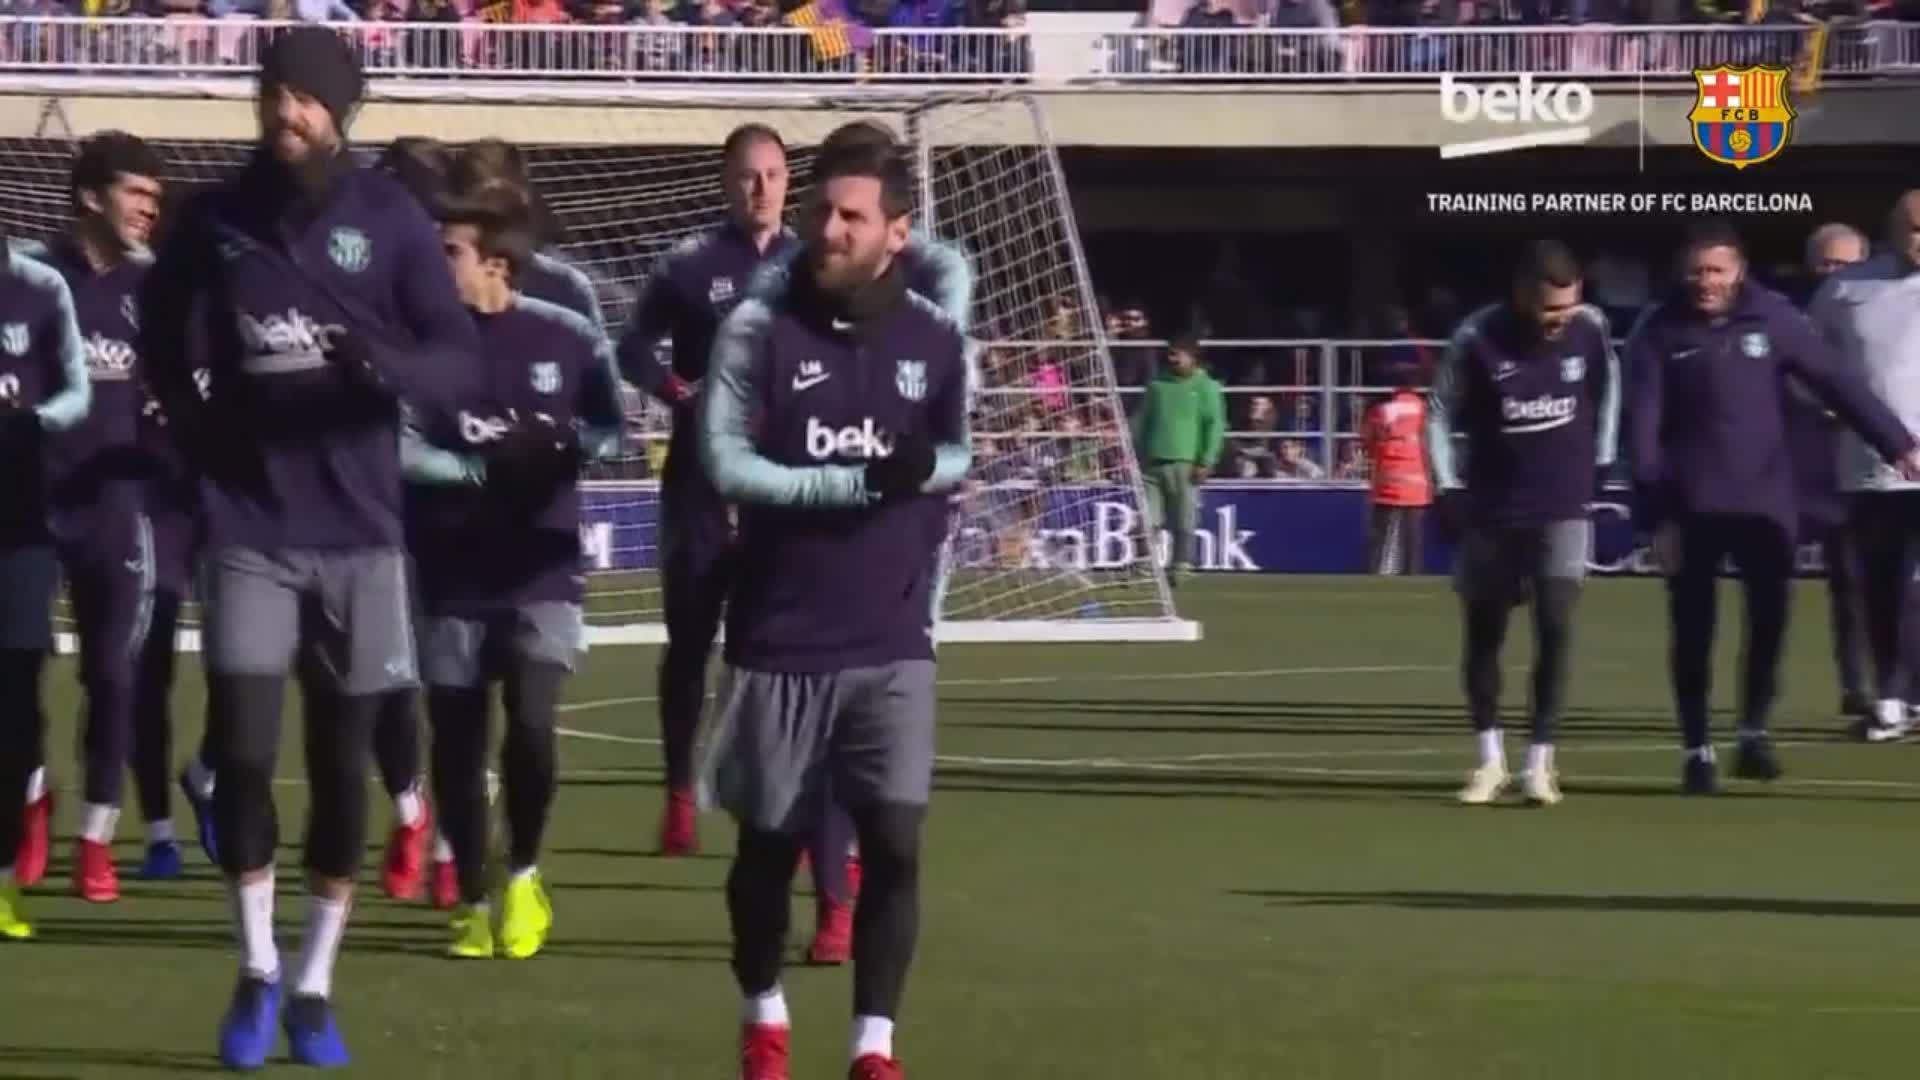 �� Barça Fans! https://t.co/Ec8LIlJg93